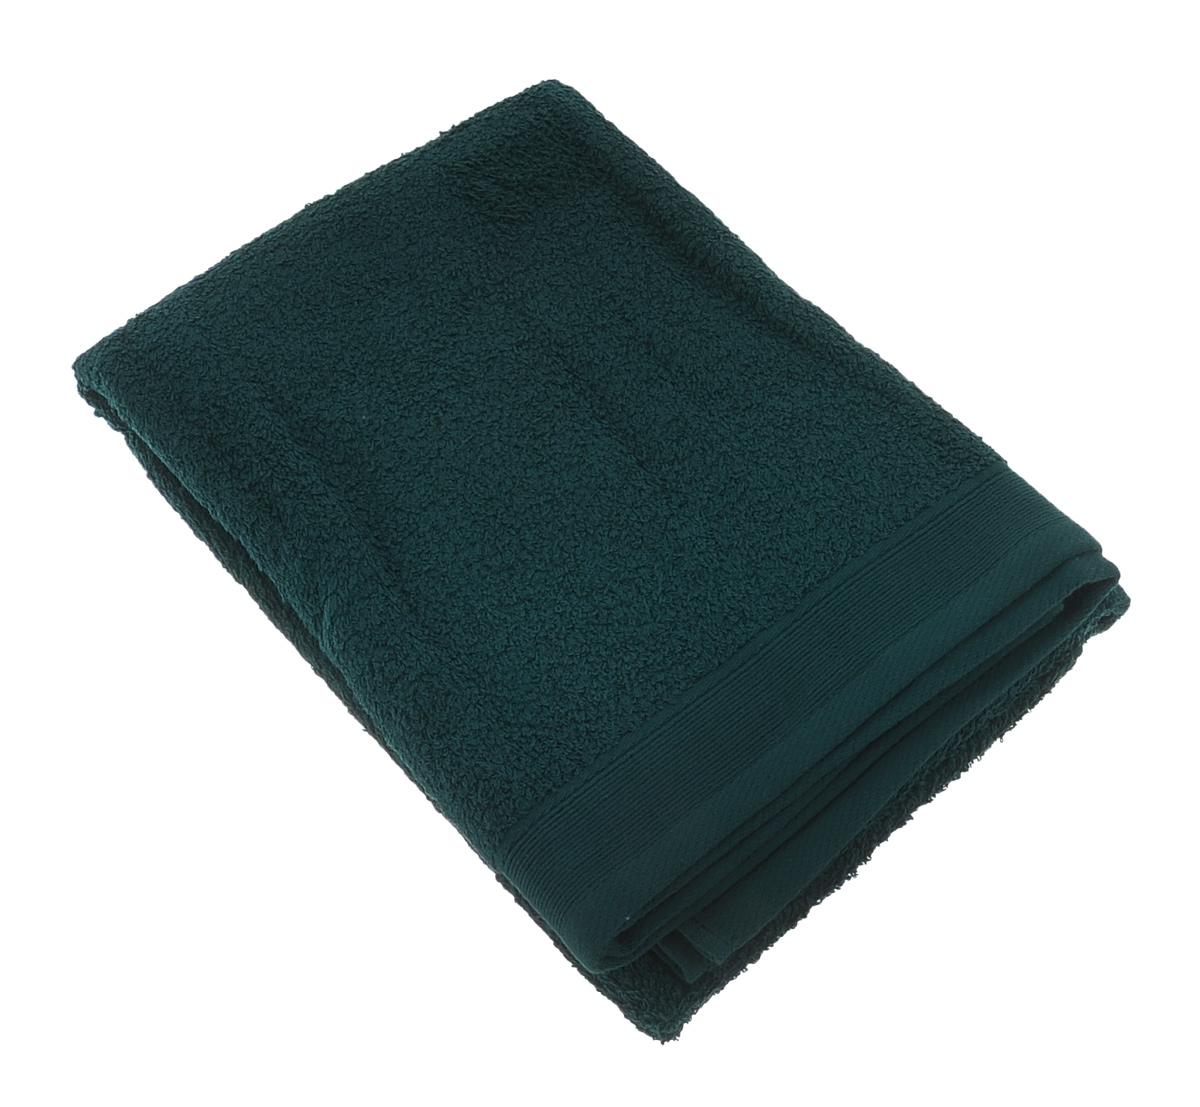 Полотенце махровое Guten Morgen, цвет: темно-зеленый, 70 х 140 смПМиз-70-140Махровое полотенце Guten Morgen, изготовленное из натурального хлопка, прекрасно впитывает влагу и быстро сохнет. Высокая плотность ткани делает полотенце мягкими, прочными и пушистыми. При соблюдении рекомендаций по уходу изделие сохраняет яркость цвета и не теряет форму даже после многократных стирок. Махровое полотенце Guten Morgen станет достойным выбором для вас и приятным подарком для ваших близких. Мягкость и высокое качество материала, из которого изготовлено полотенце, не оставит вас равнодушными.